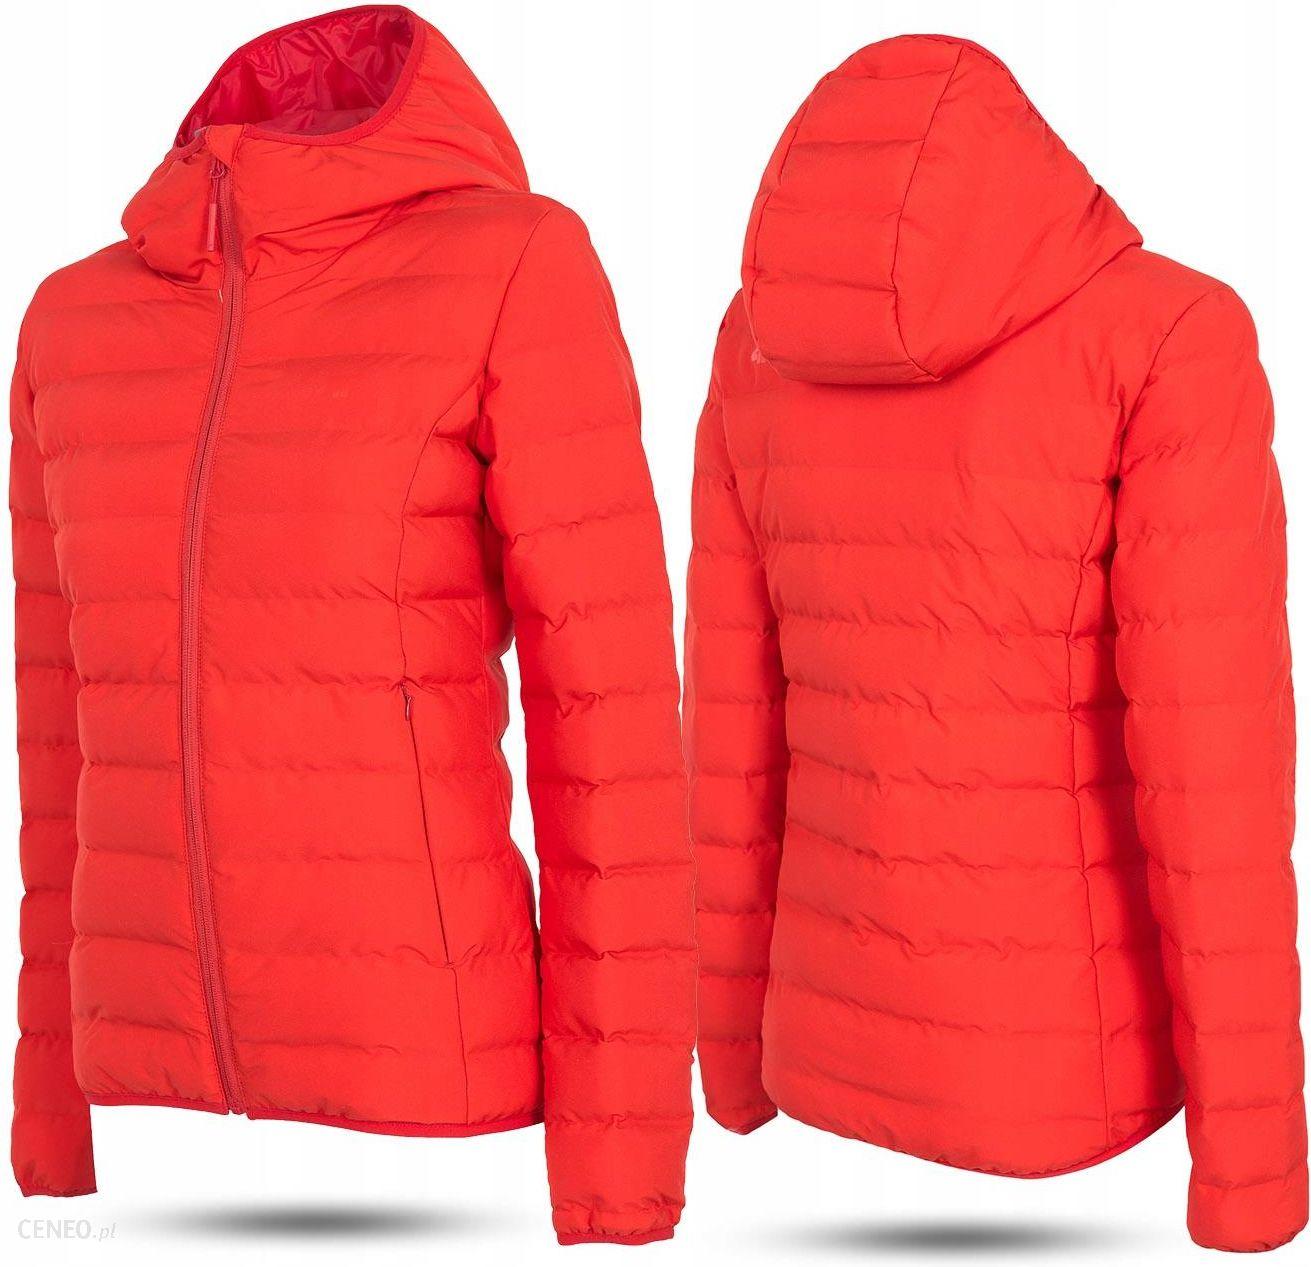 ciepla cienka kurtka zimowa